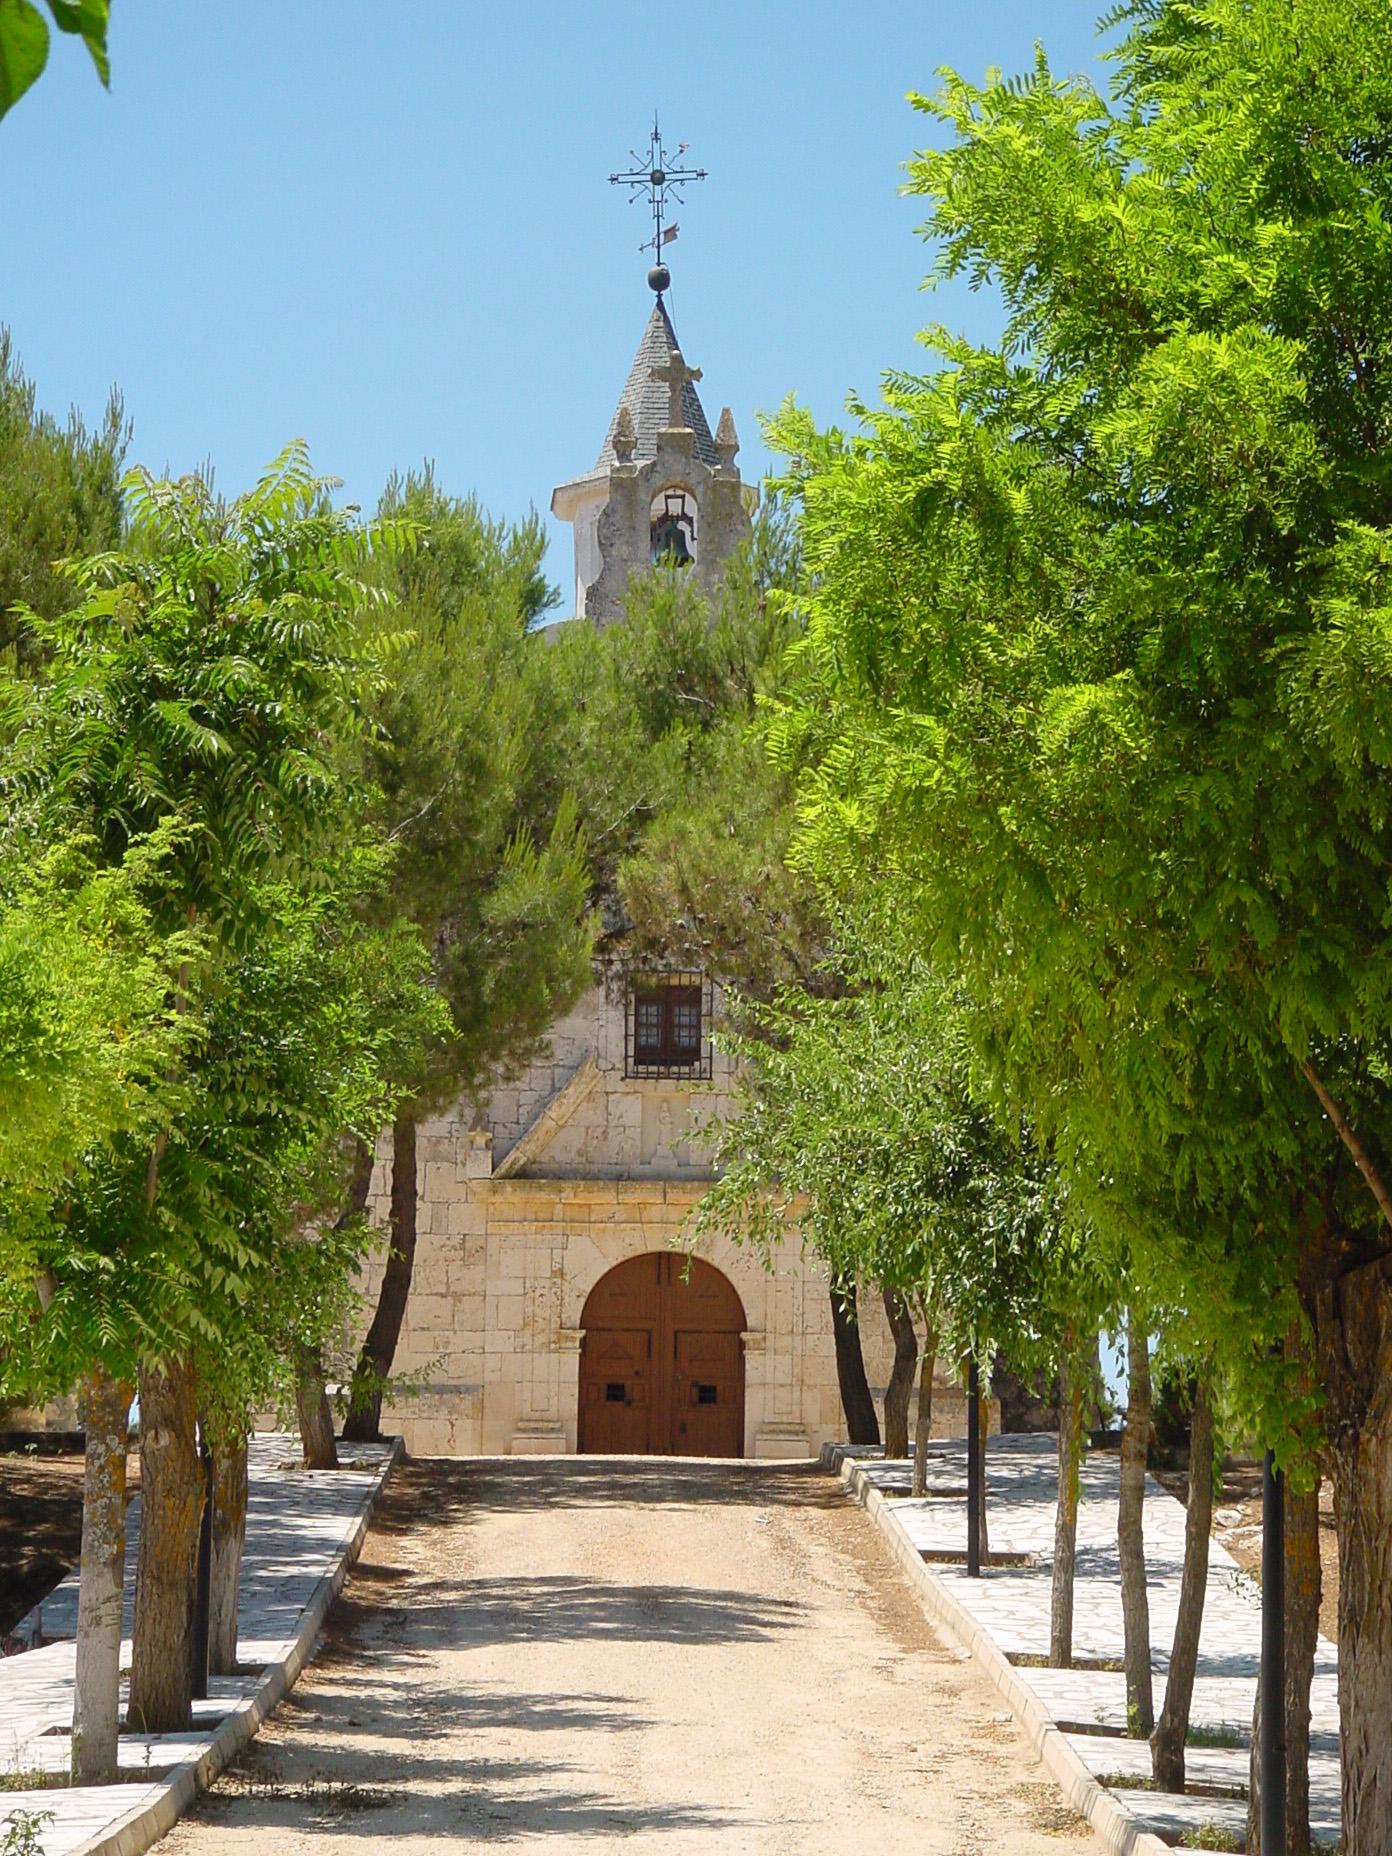 Paseo con iglesia al fondo en Pozuelo del Rey